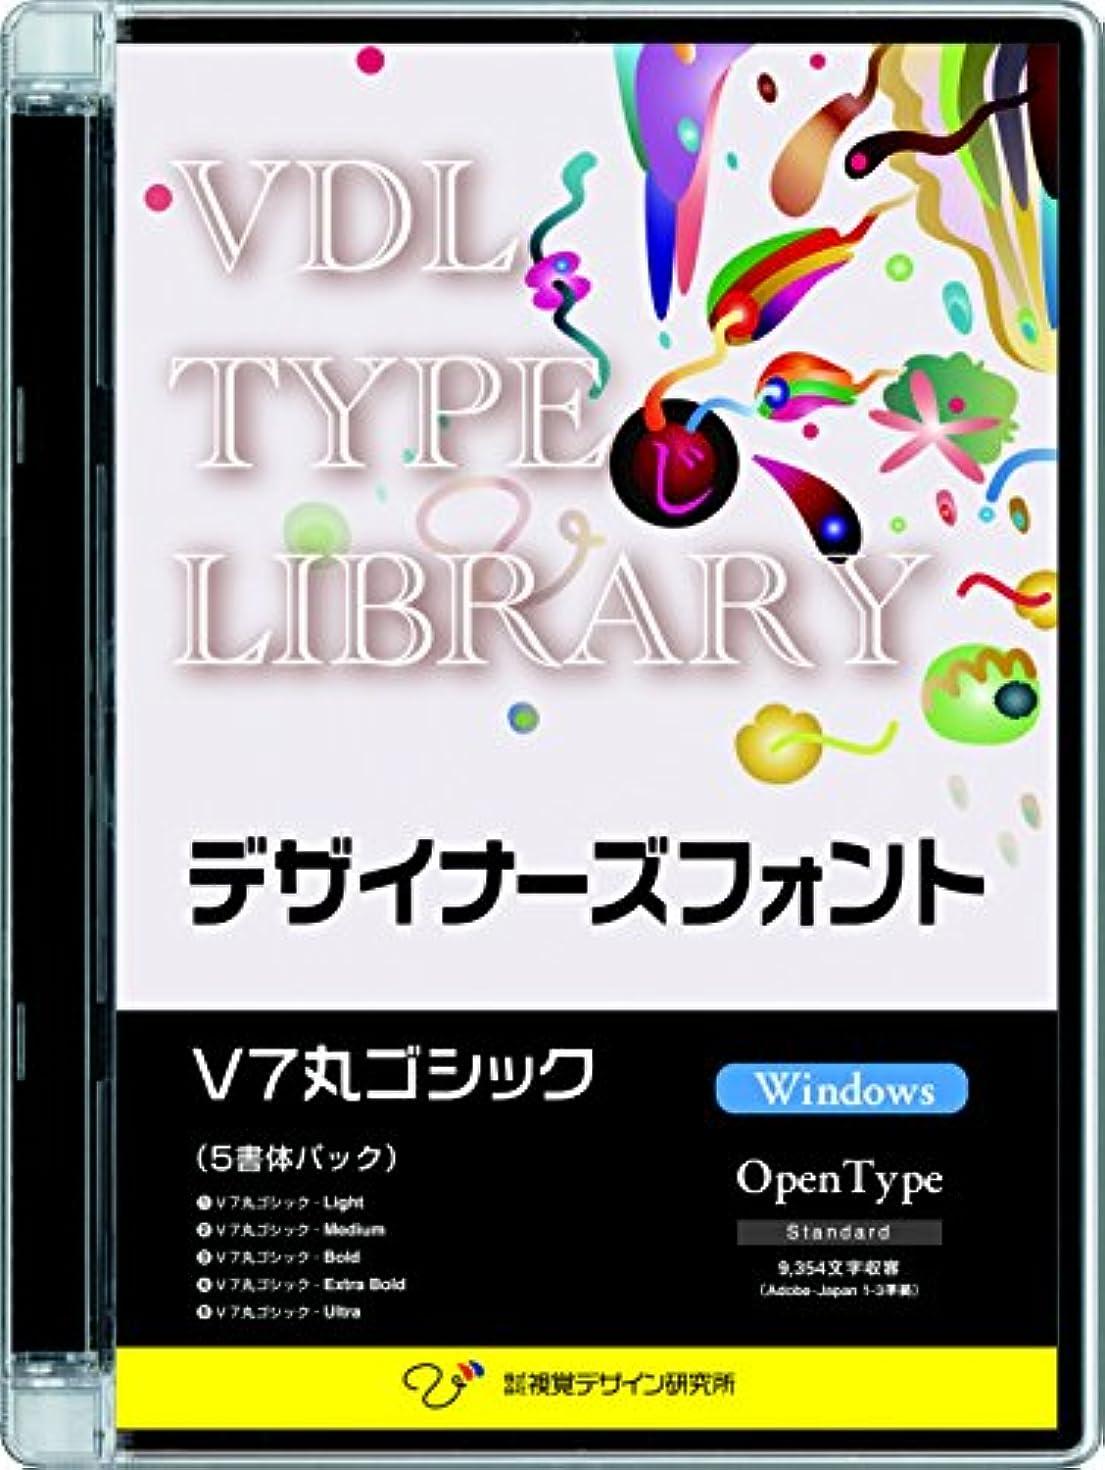 薬剤師帰する発見VDL TYPE LIBRARY デザイナーズフォント OpenType (Standard) Windows V7丸ゴシック ファミリーパック